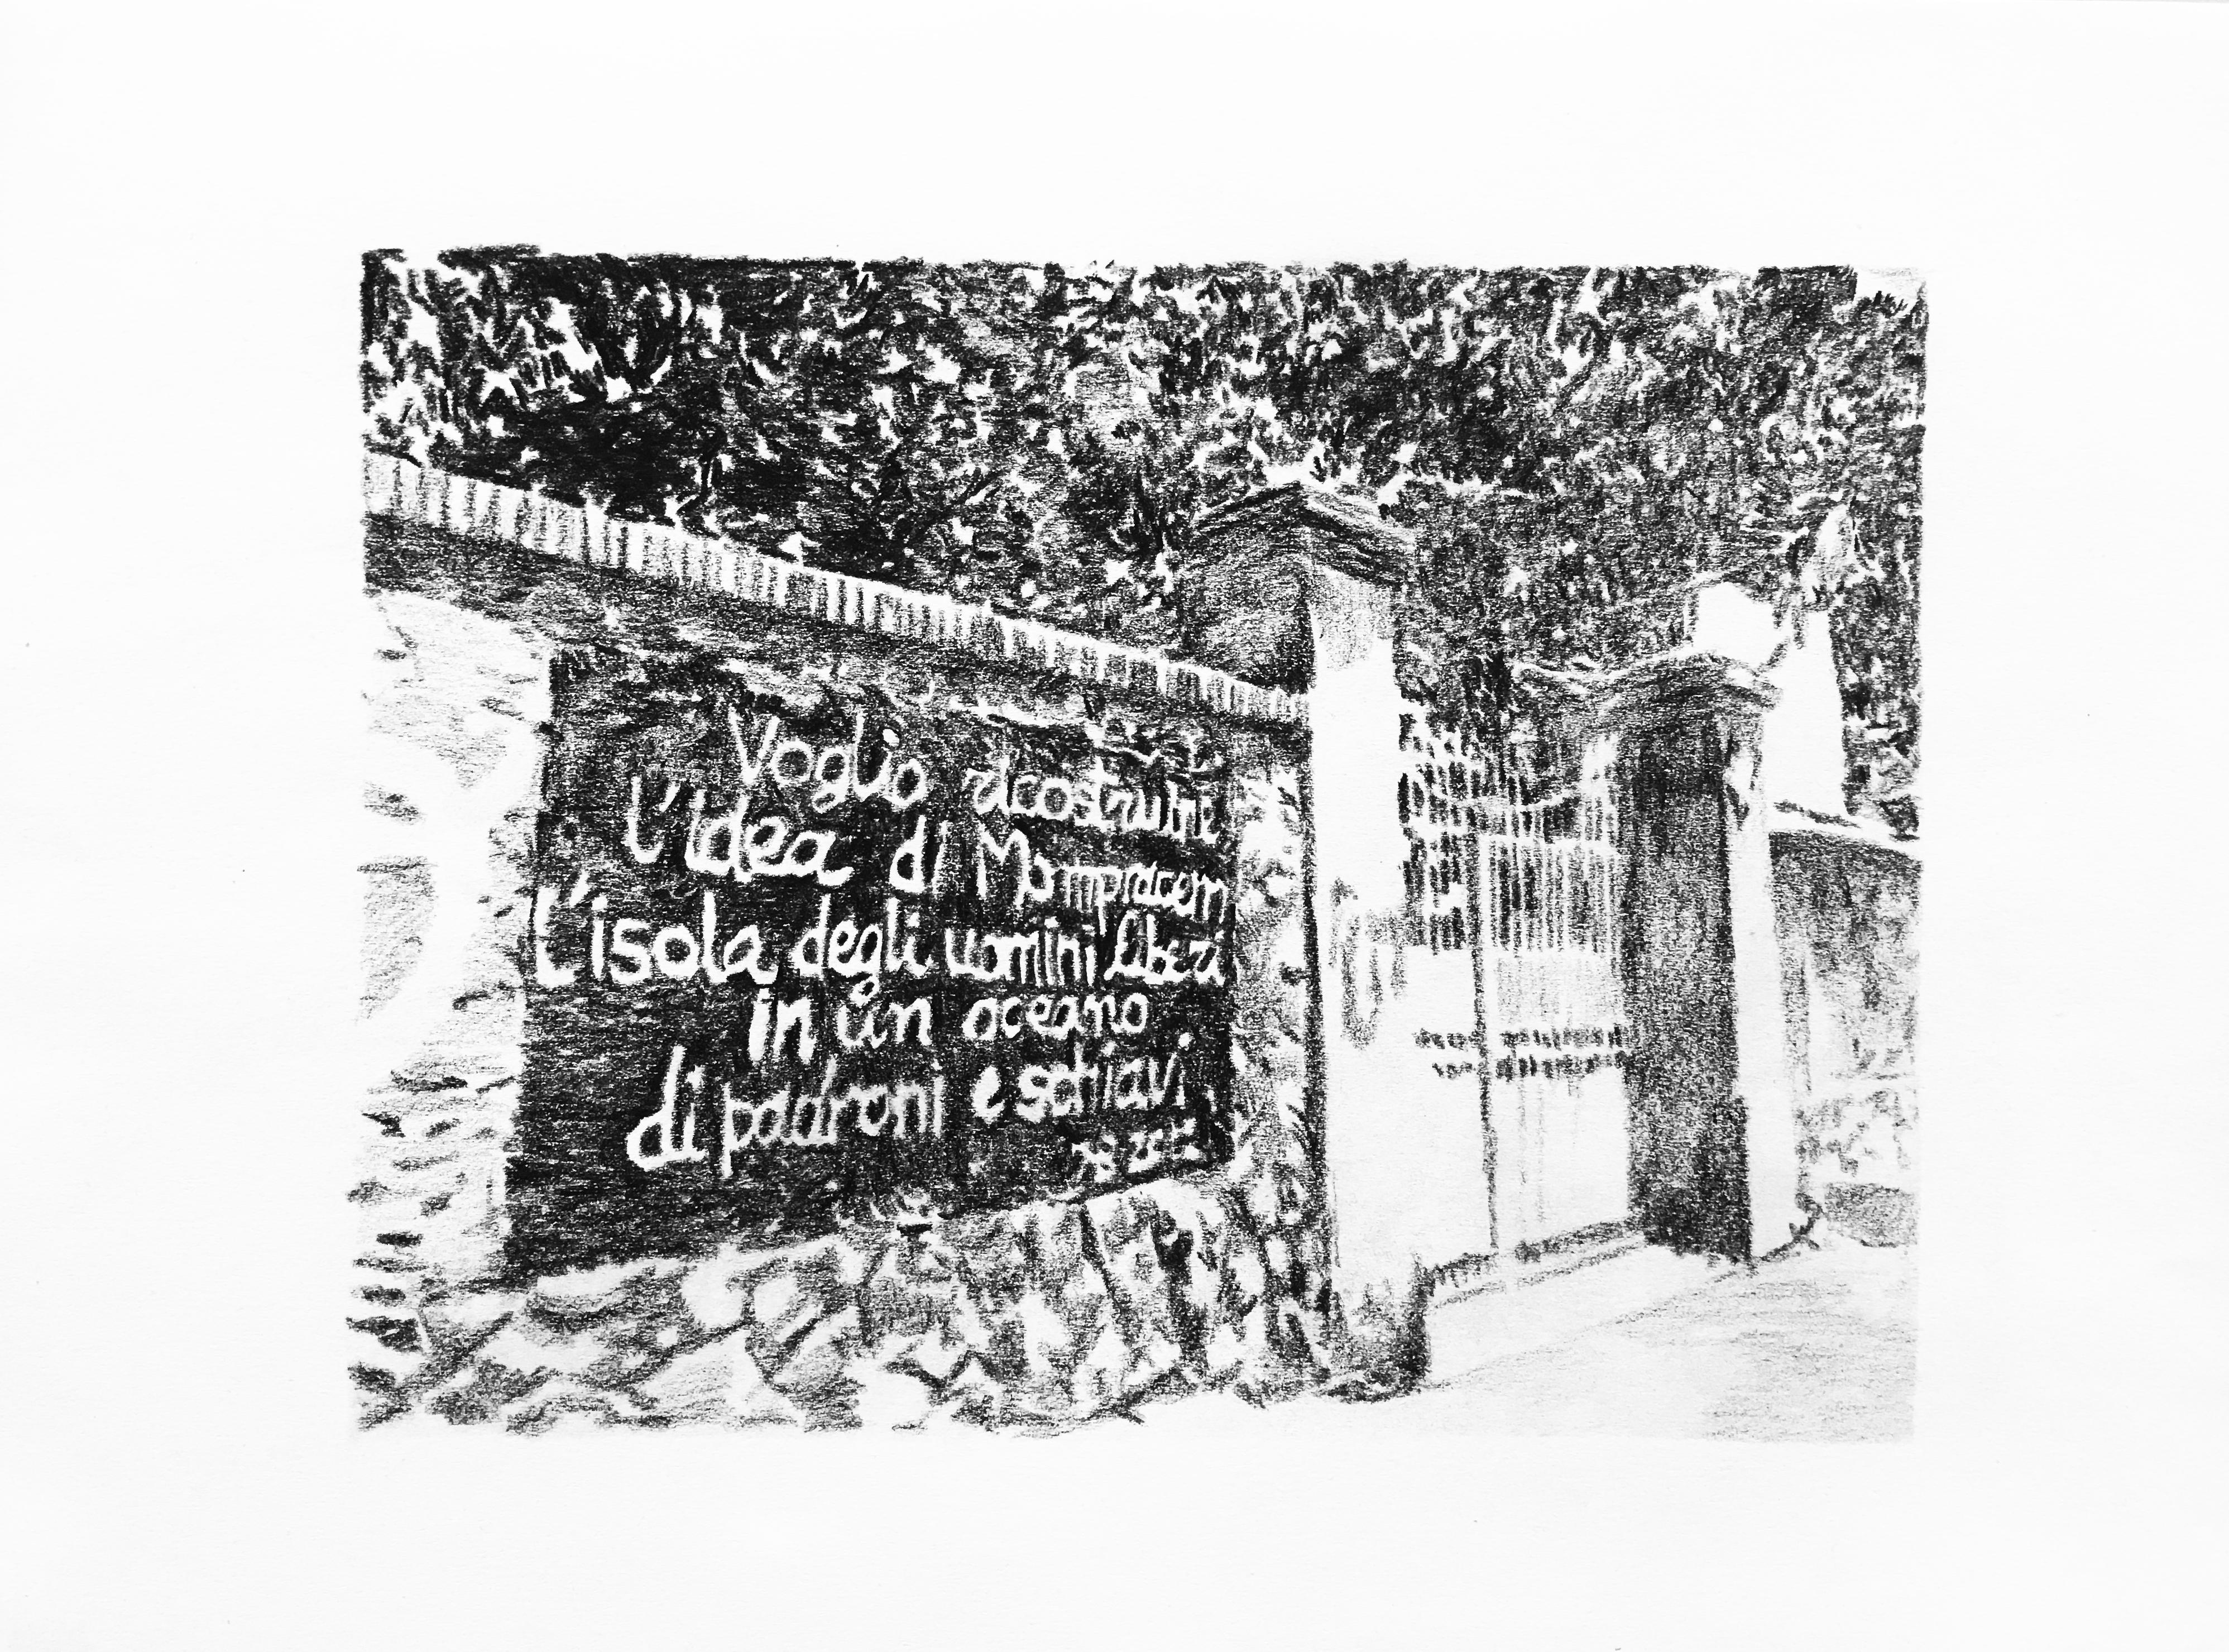 26 Luglio 2016 h12,53 Roma, serie paesaggi sociali, matita su carta, 21x29cm